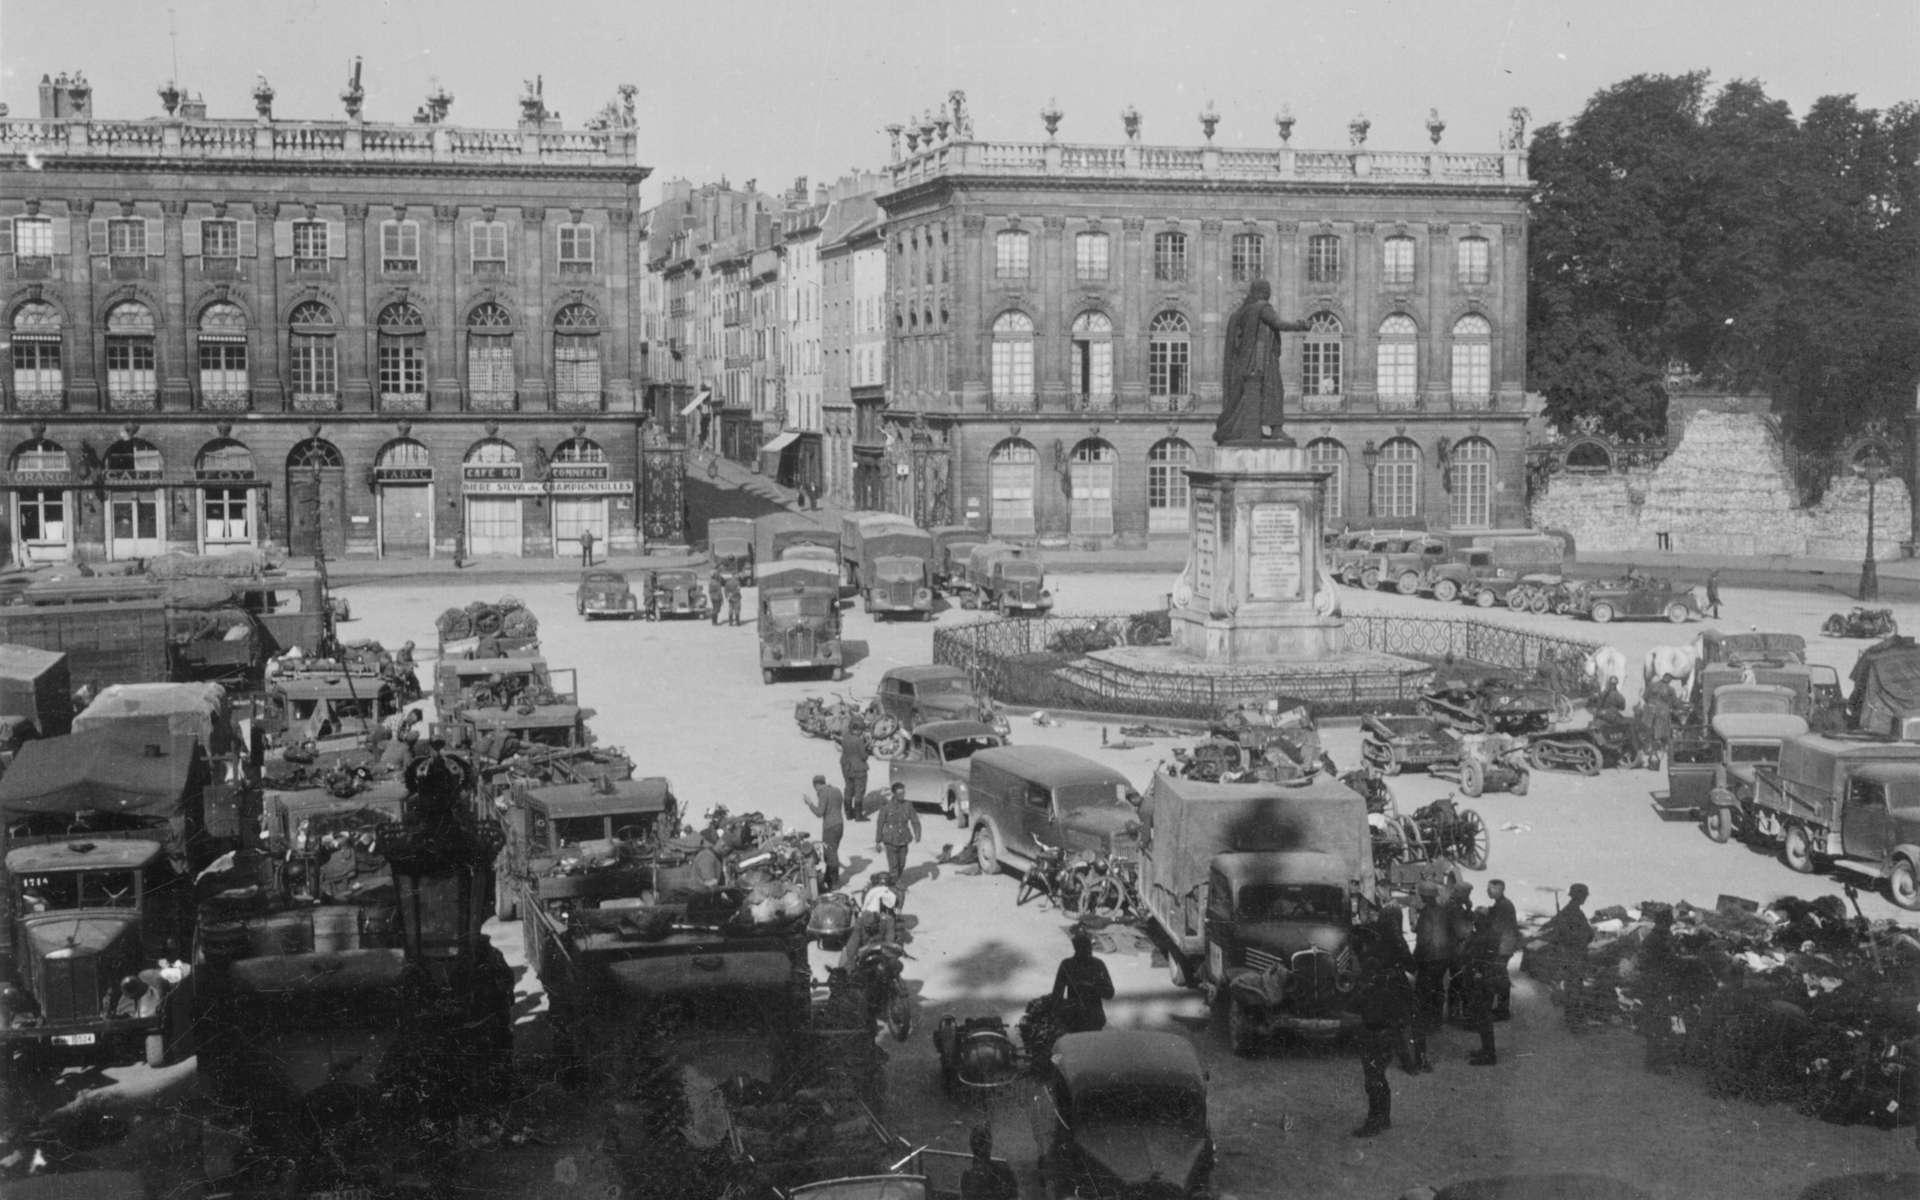 L'armée allemande, ici à Nancy, a occupé la France durant la seconde guerre mondiale, ce qui a entraîné de nombreuses privations. © Willi Ude, Wikimedia Commons, CC by-sa 3.0